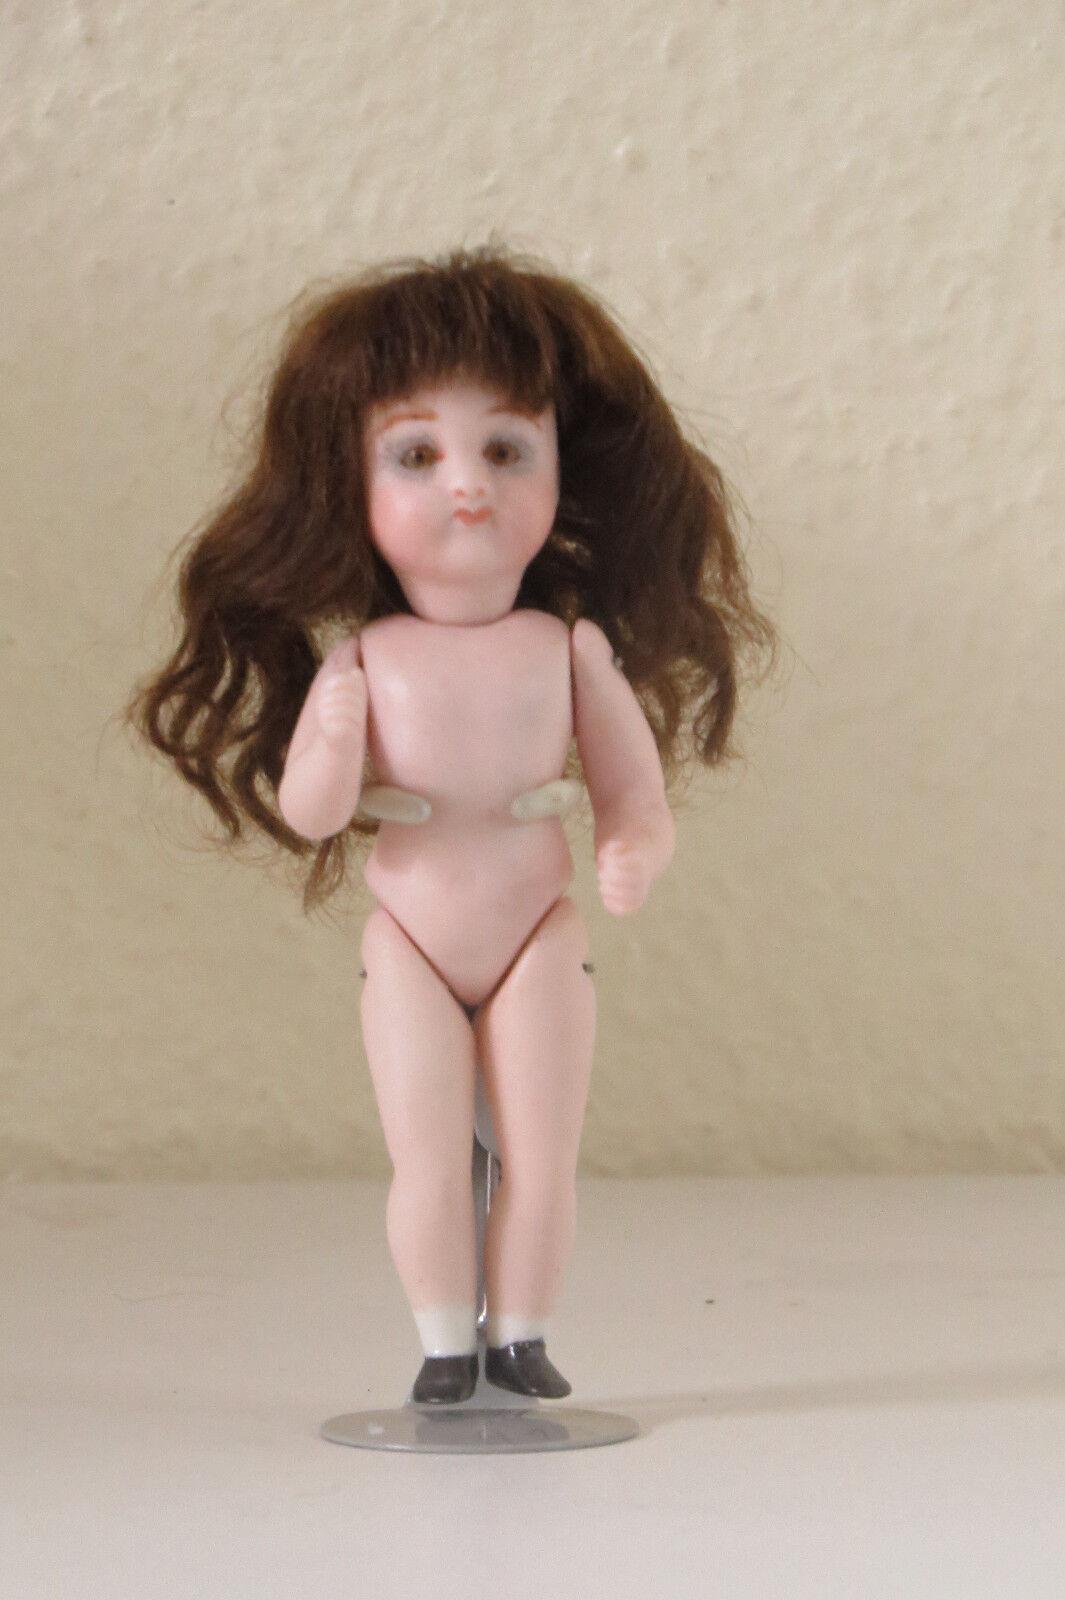 Doll Mignonnette Poupée Repro A  13  : Gigi   Kestner  10 cm